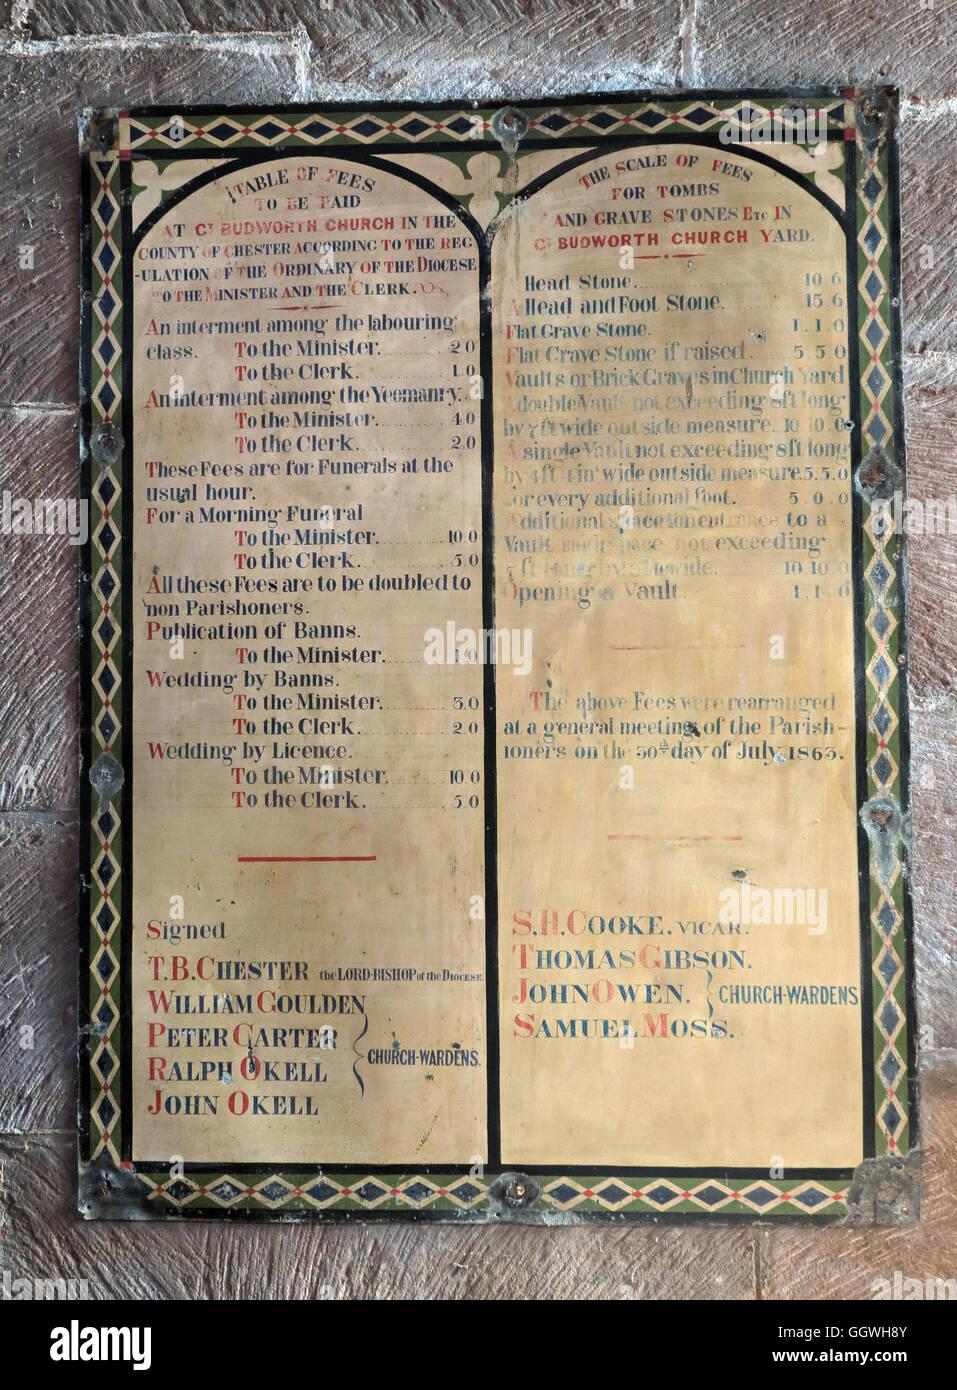 Laden Sie dieses Alamy Stockfoto St Marys & All Saints Church Gt Budworth Interieur, Cheshire, England, UK - Gebühren - GGWH8Y